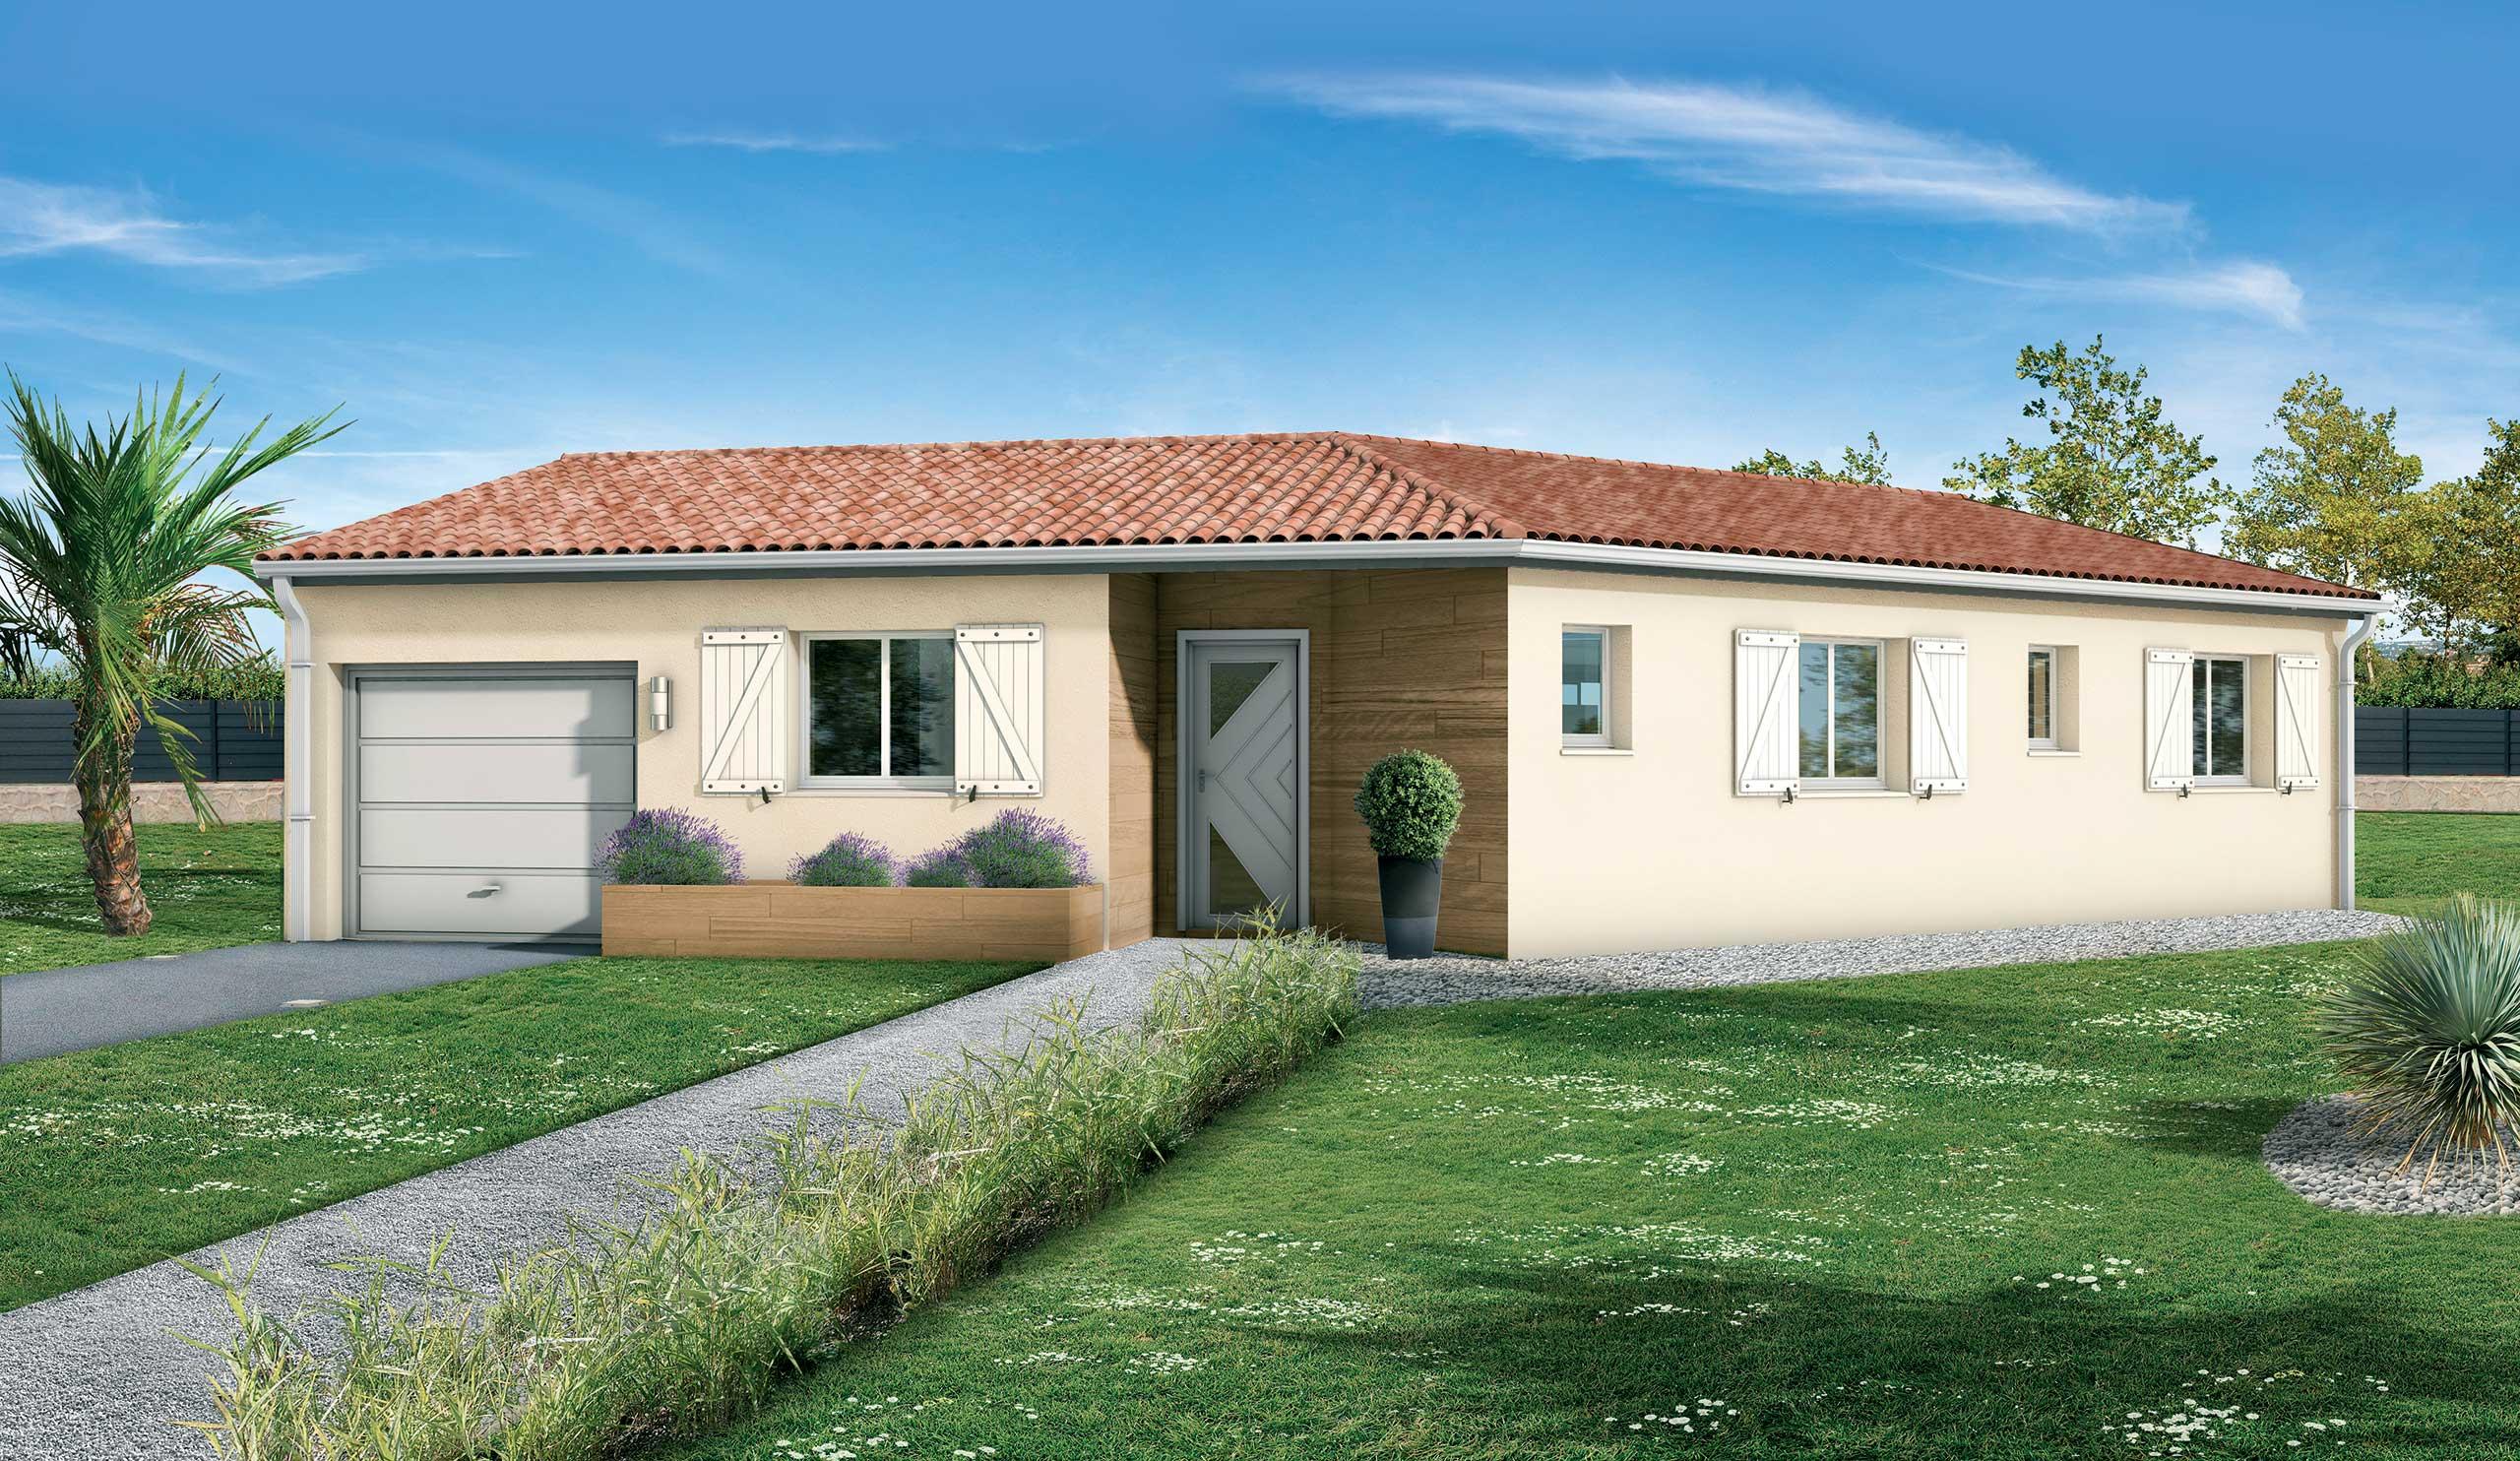 maison modèle de maison ebène : une maison aux multiples possibilités